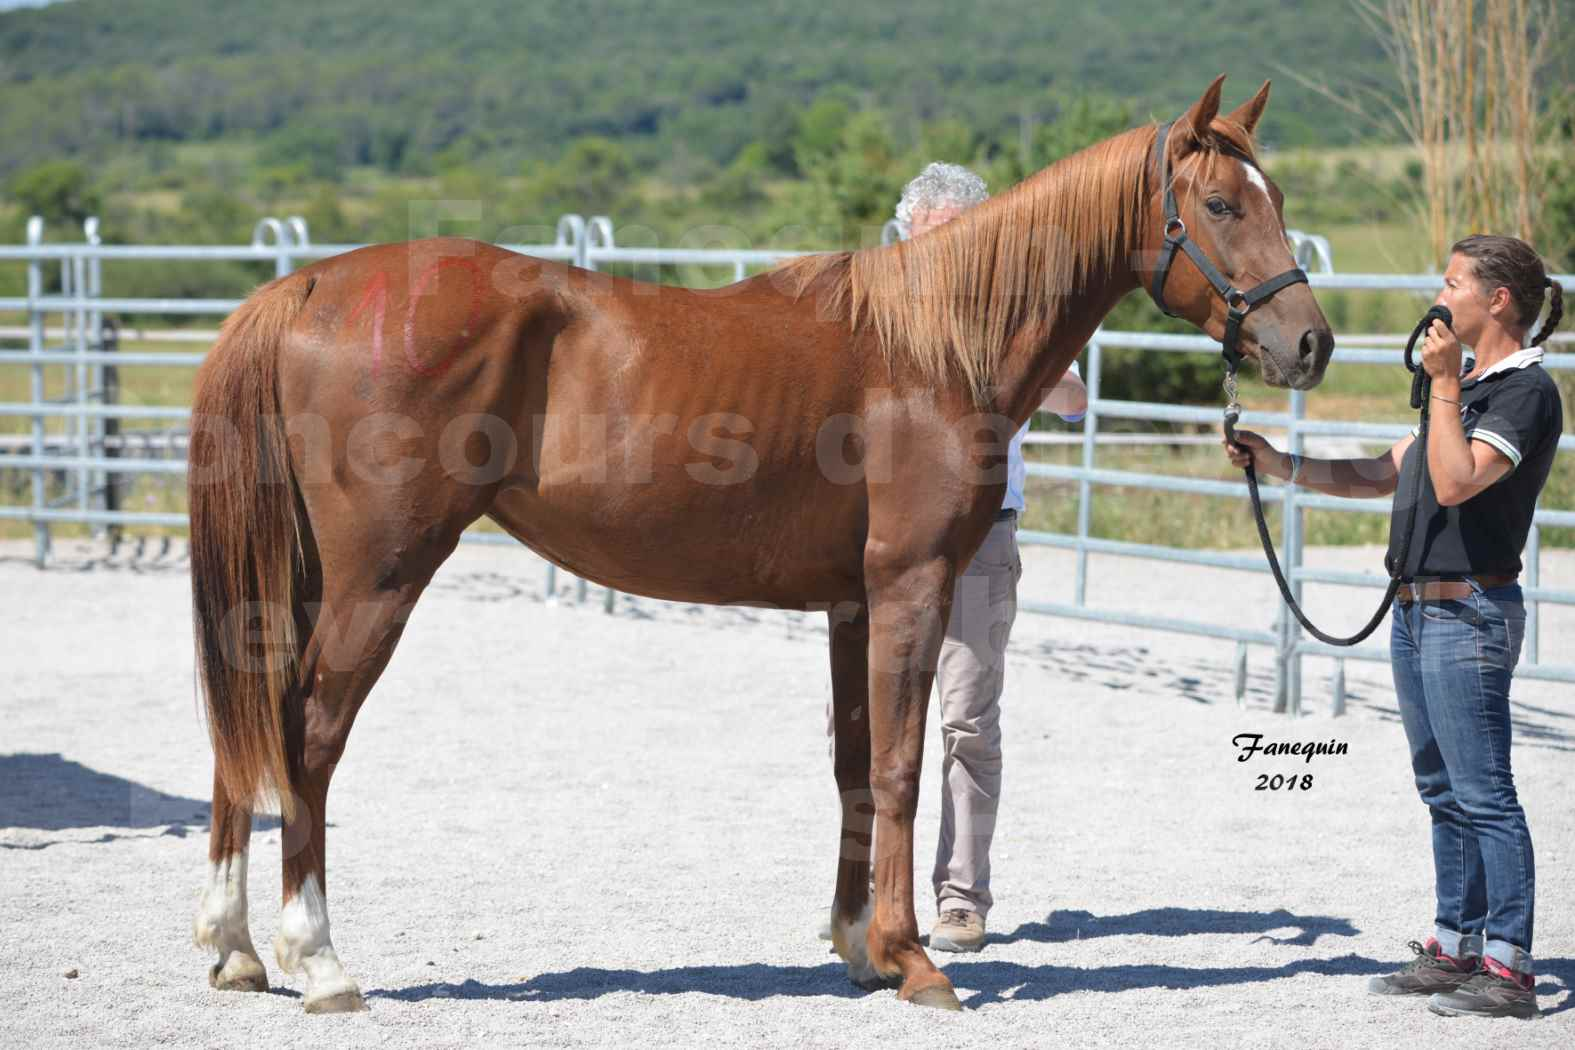 Concours d'Elevage de chevaux Arabes  le 27 juin 2018 à la BOISSIERE - FINLEY DES DOLINES - 01